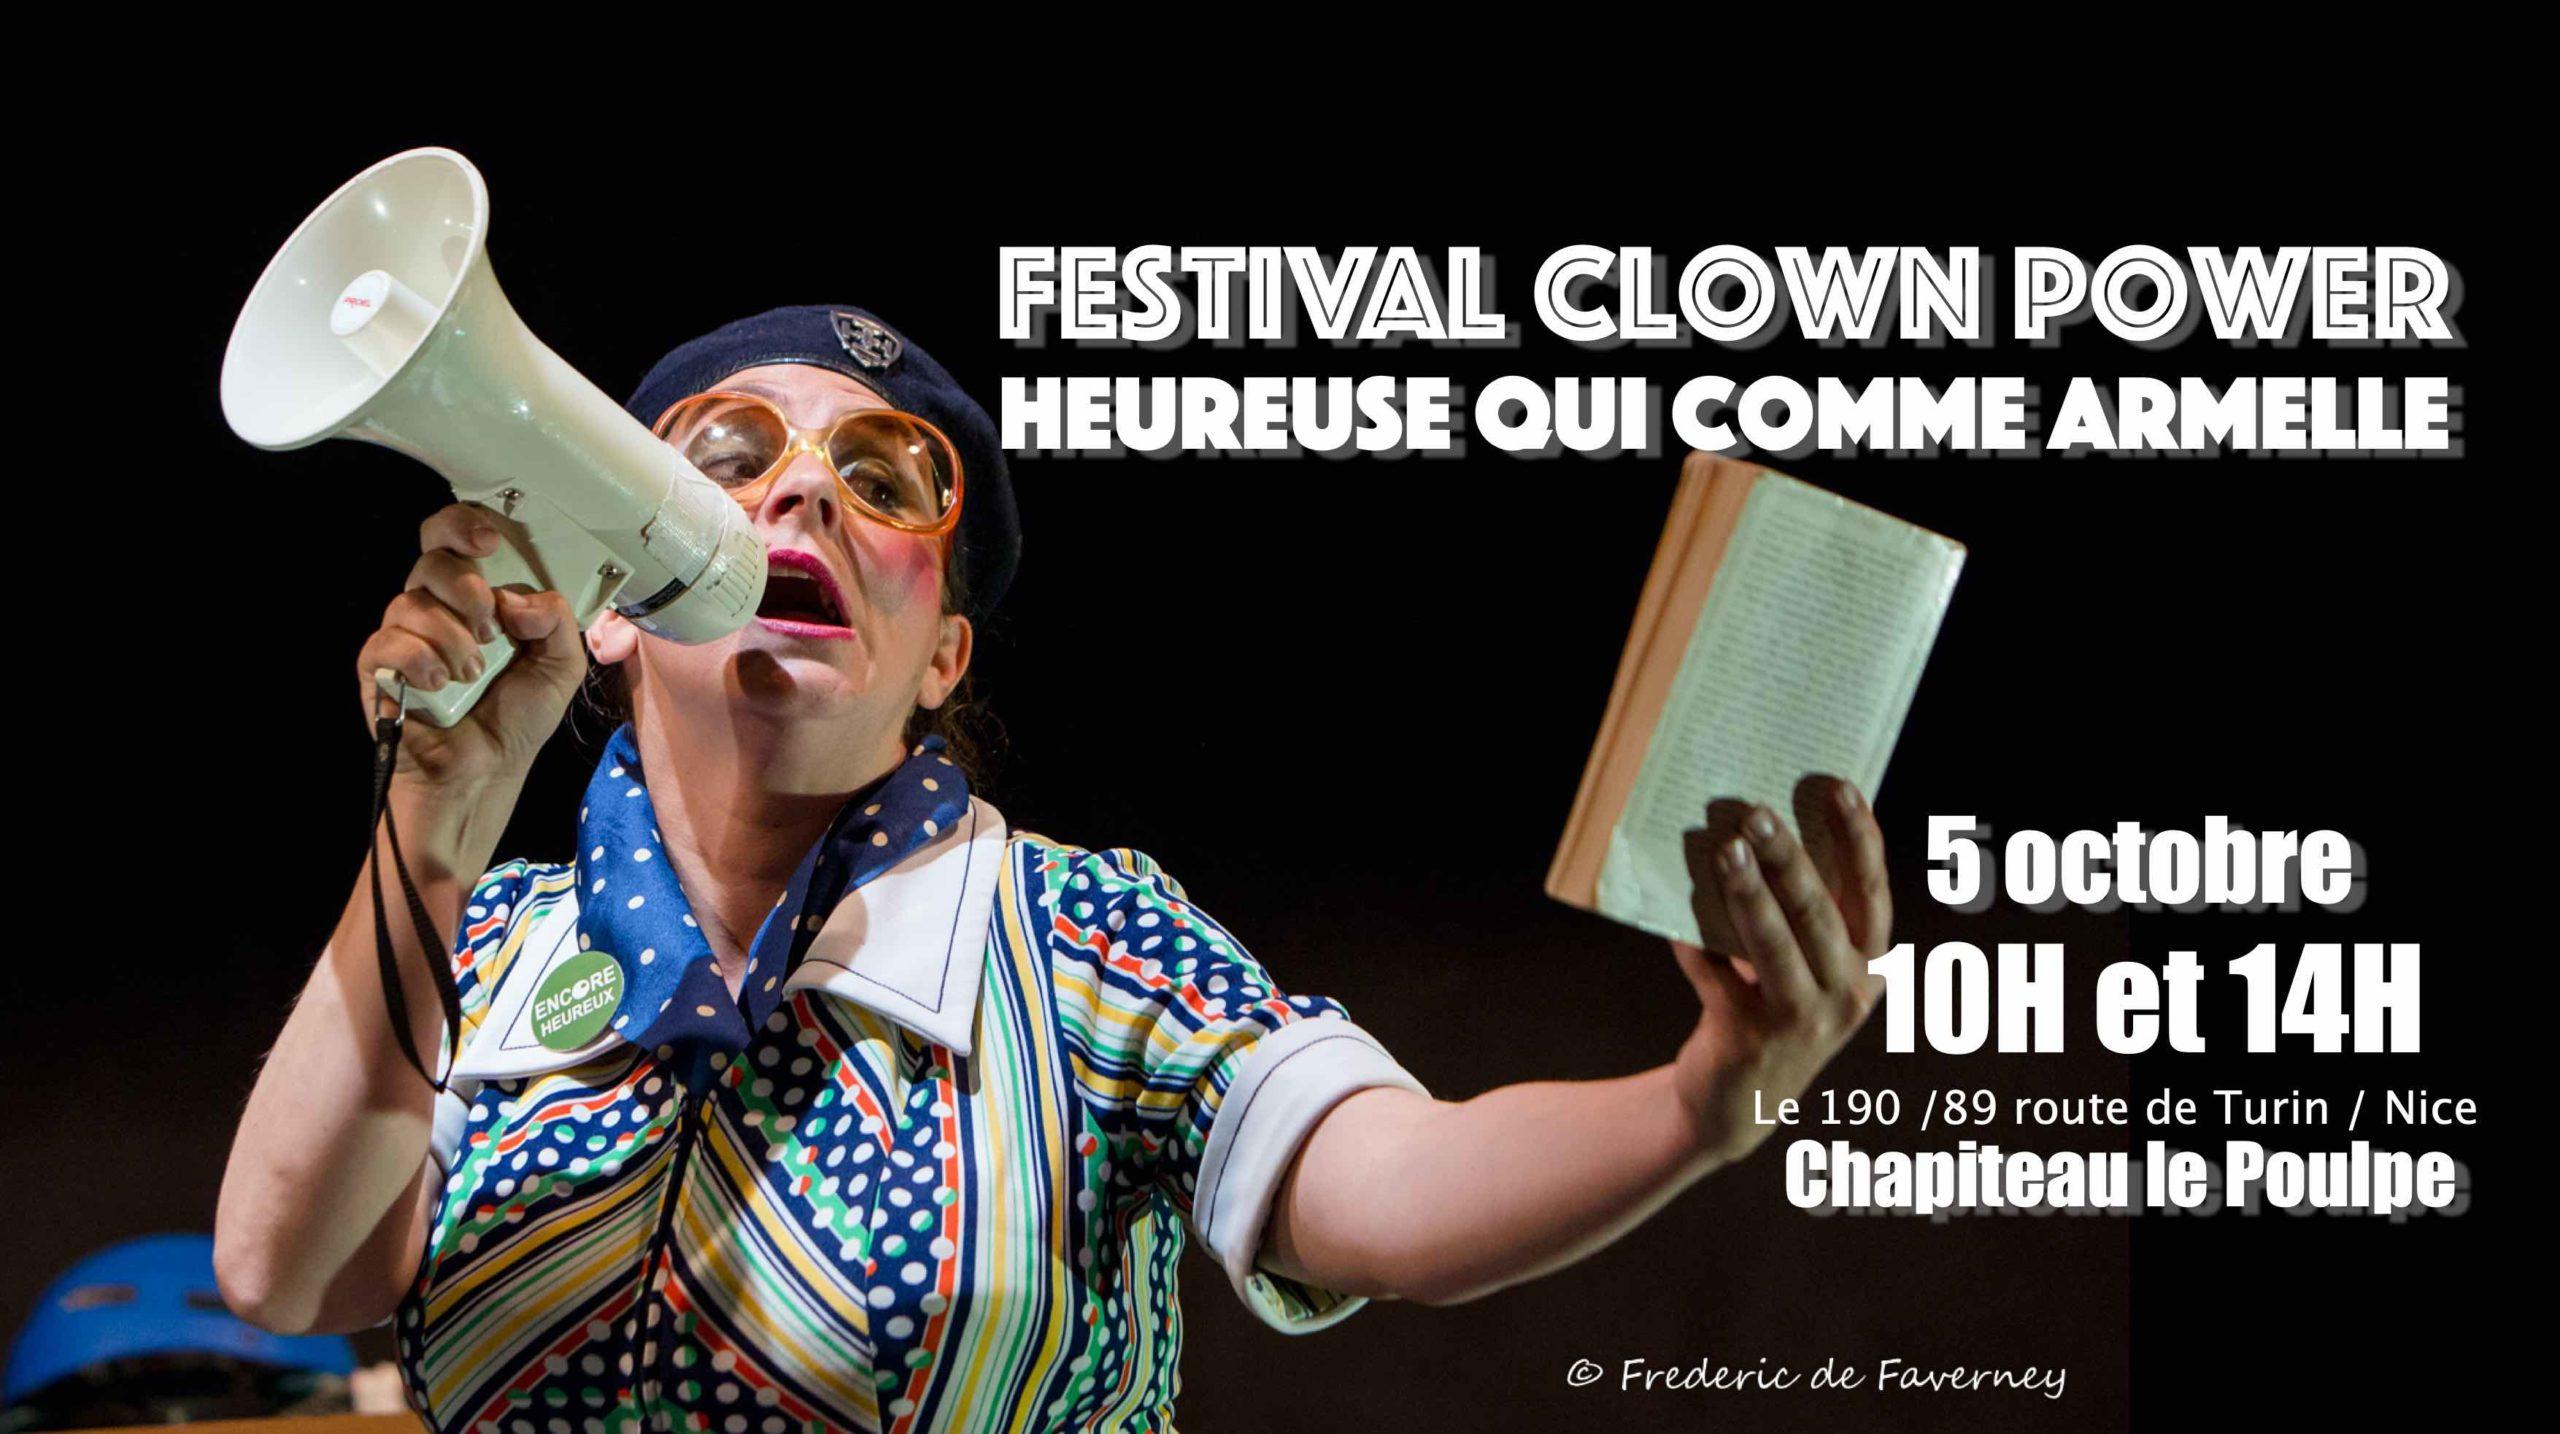 Armelle clown power